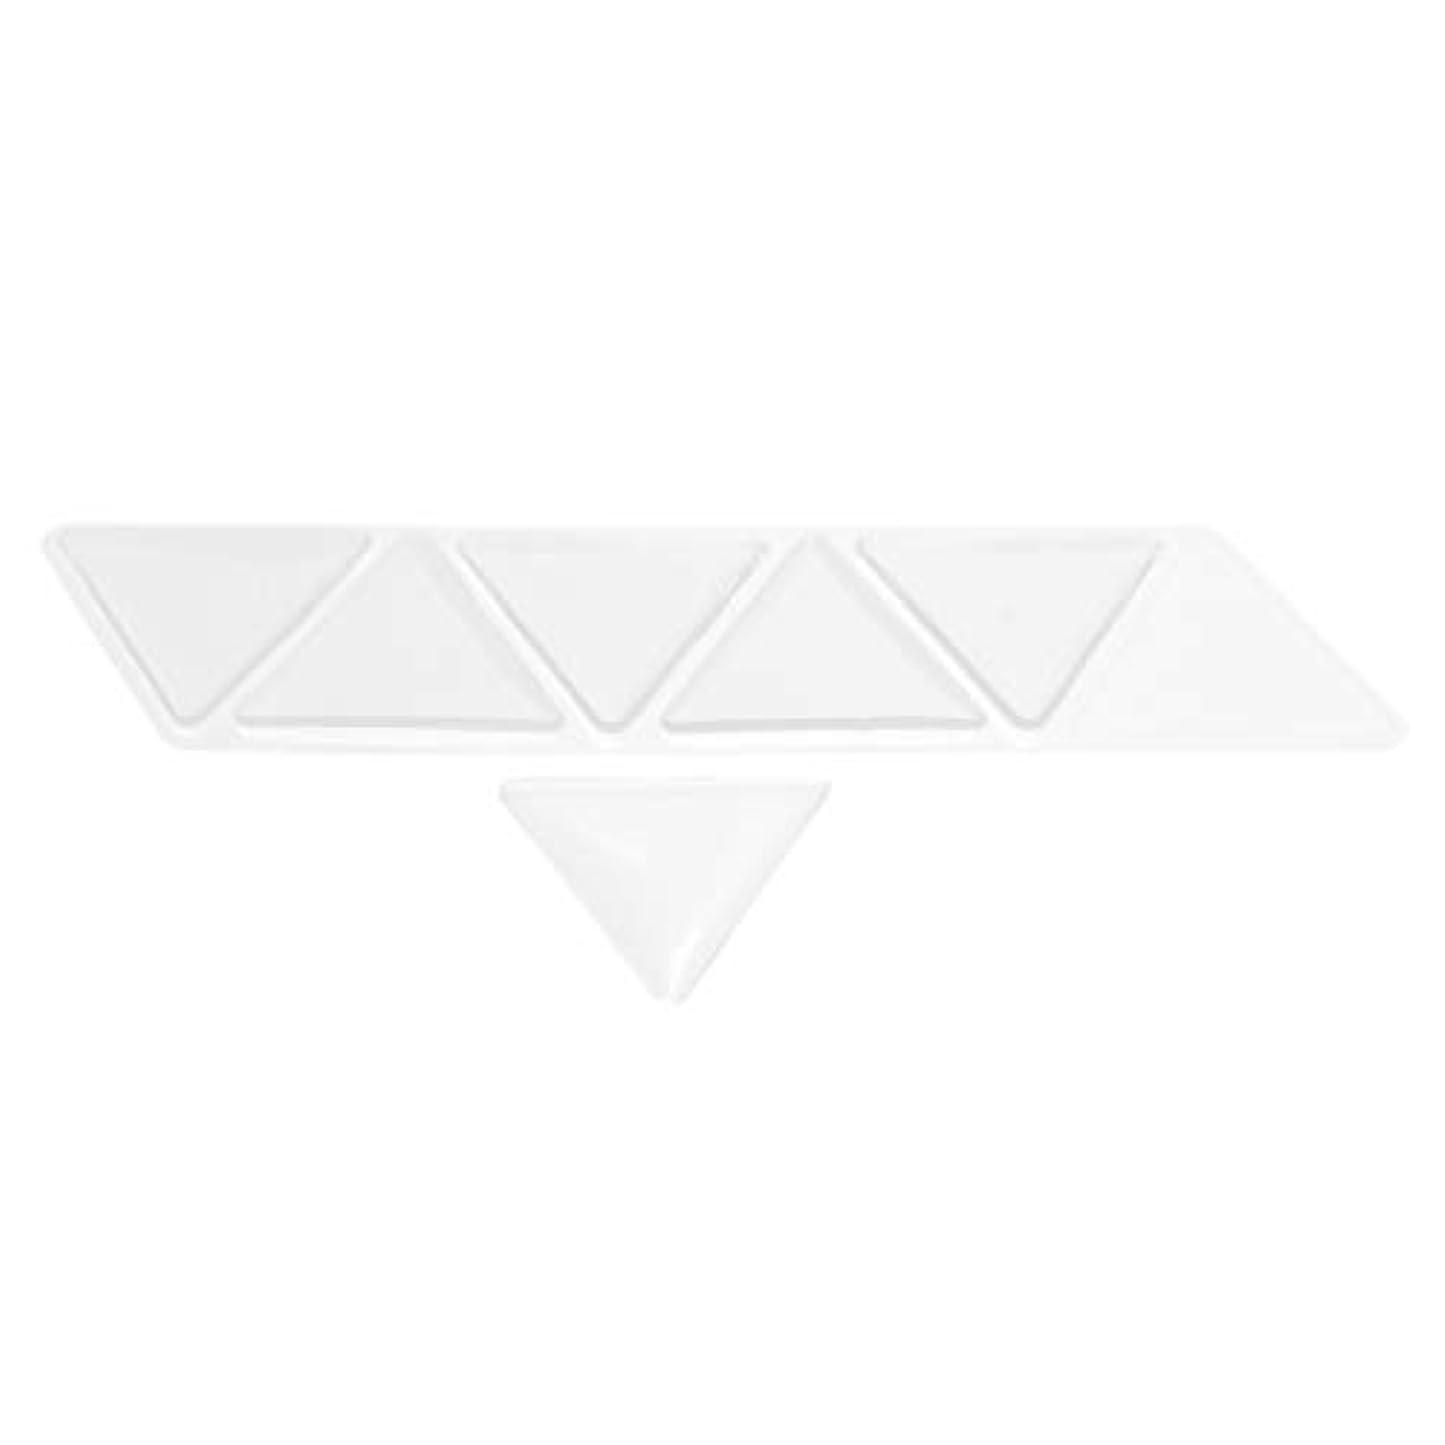 強調する軽く創始者額パッド シリコン 透明 額スキンケア 再利用可能な 目に見えない 三角パッド 6個セット